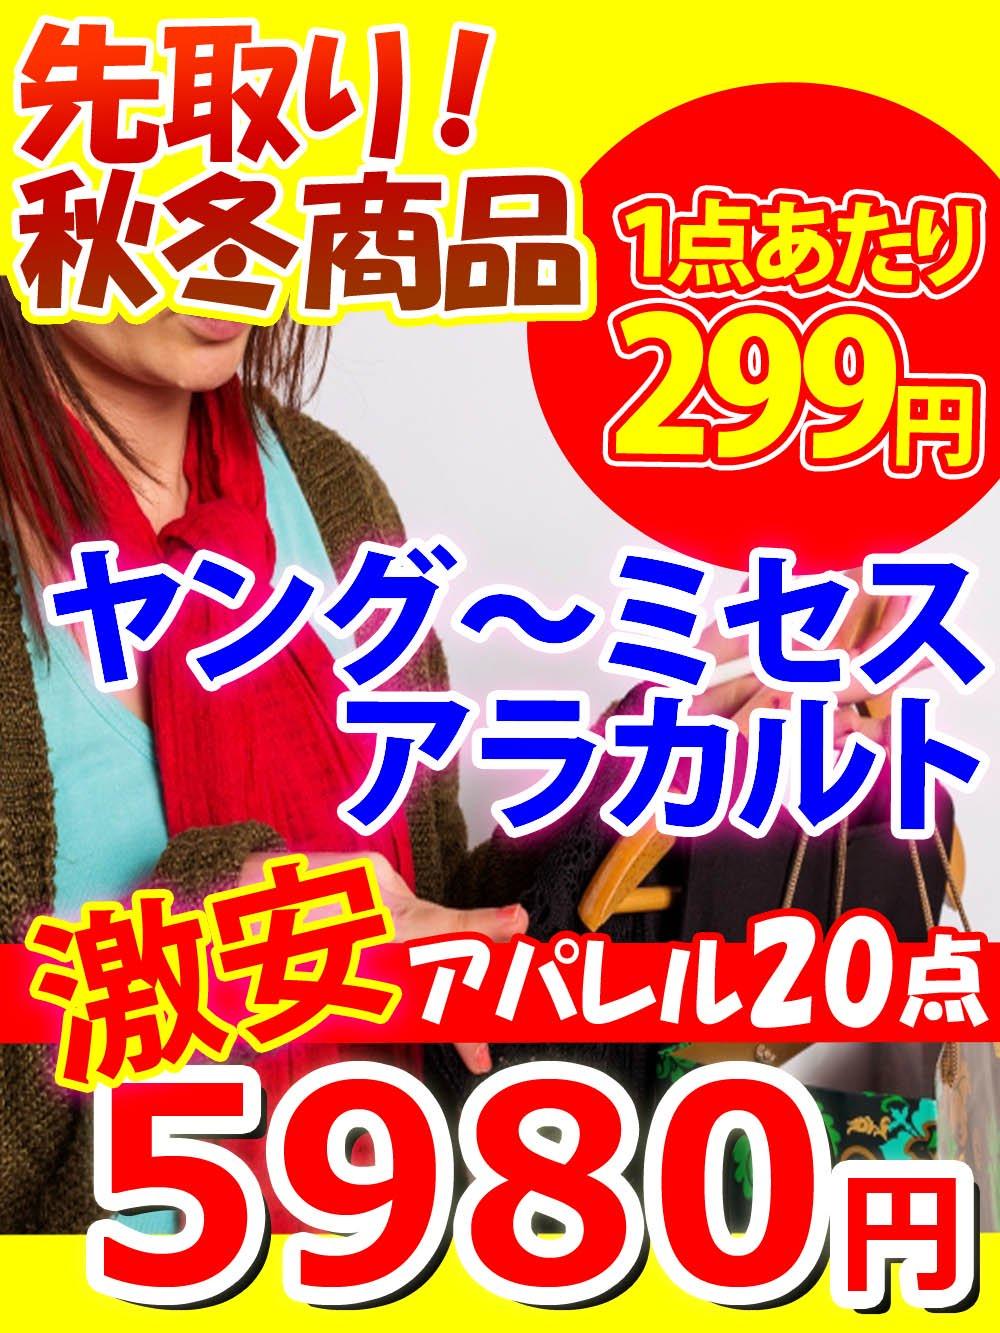 【先取り秋冬商品】激安ヤング〜ミセスアパレルアラカルト!@299【20点】